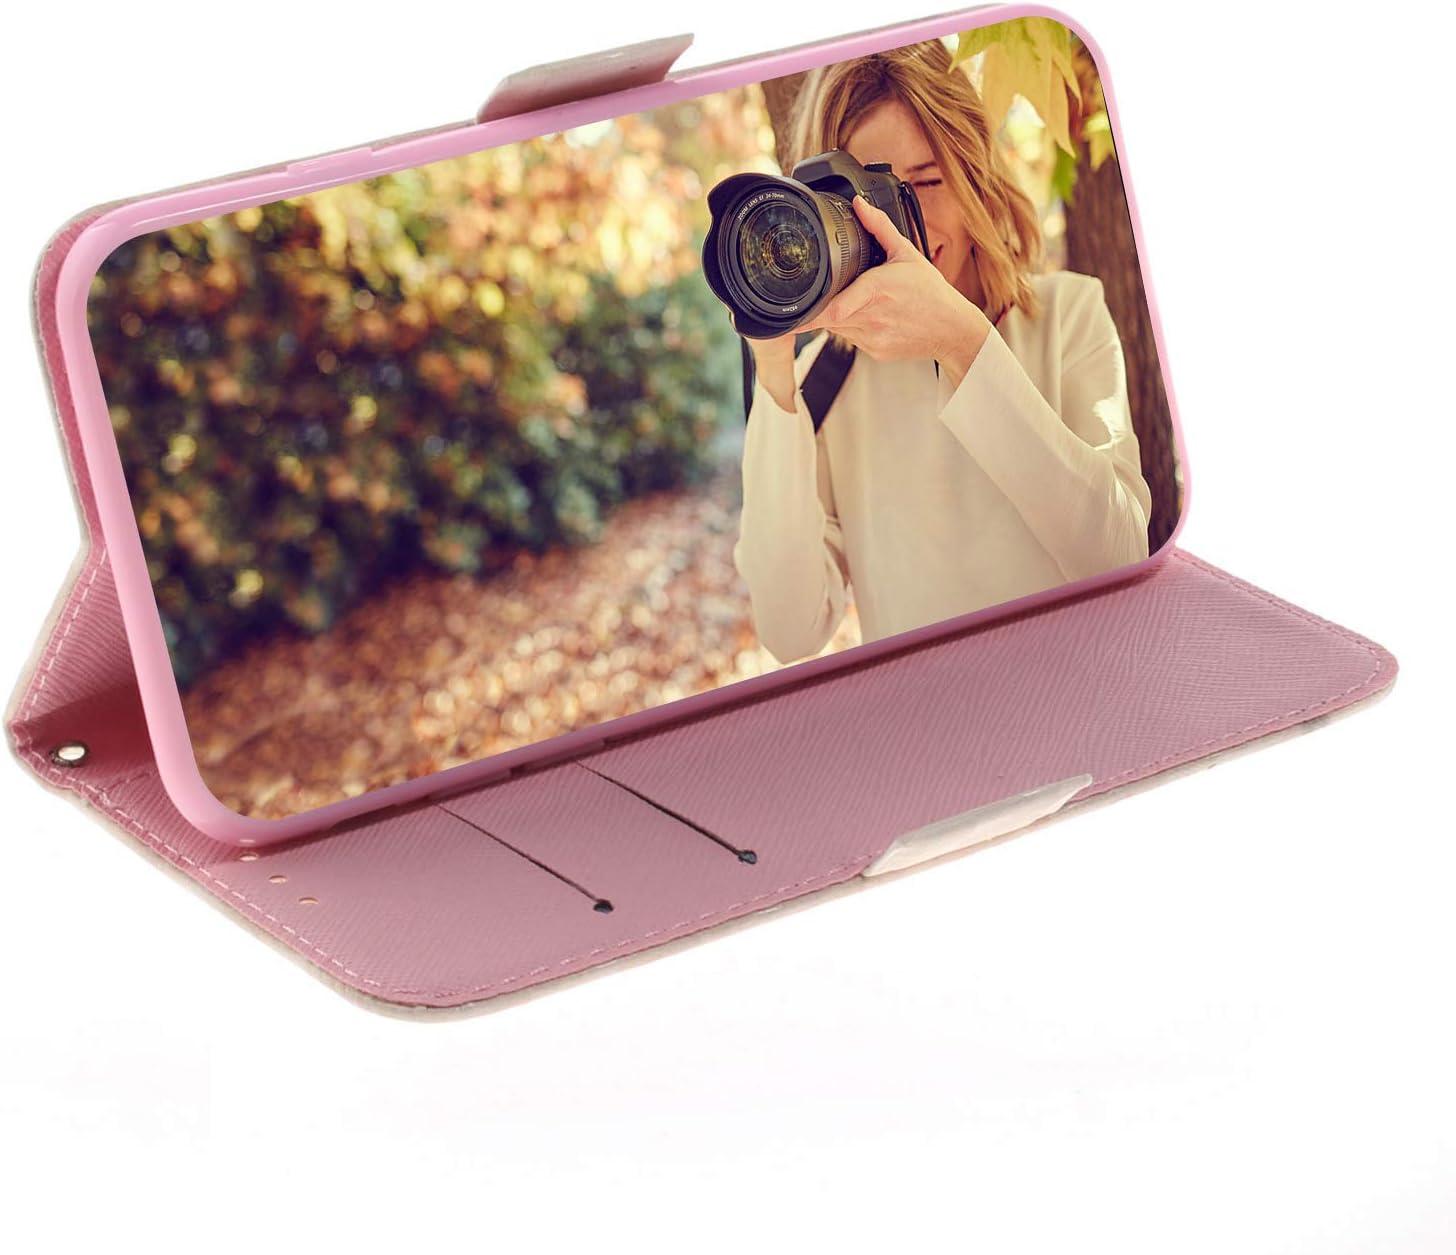 Tosim Coque Galaxy A40 TOTXI160305 T1 Portefeuille /Étui en Cuir Synth/étique Fonction Stand Case Housse Folio /à Rabat Compatible avec Samsung Galaxy A40